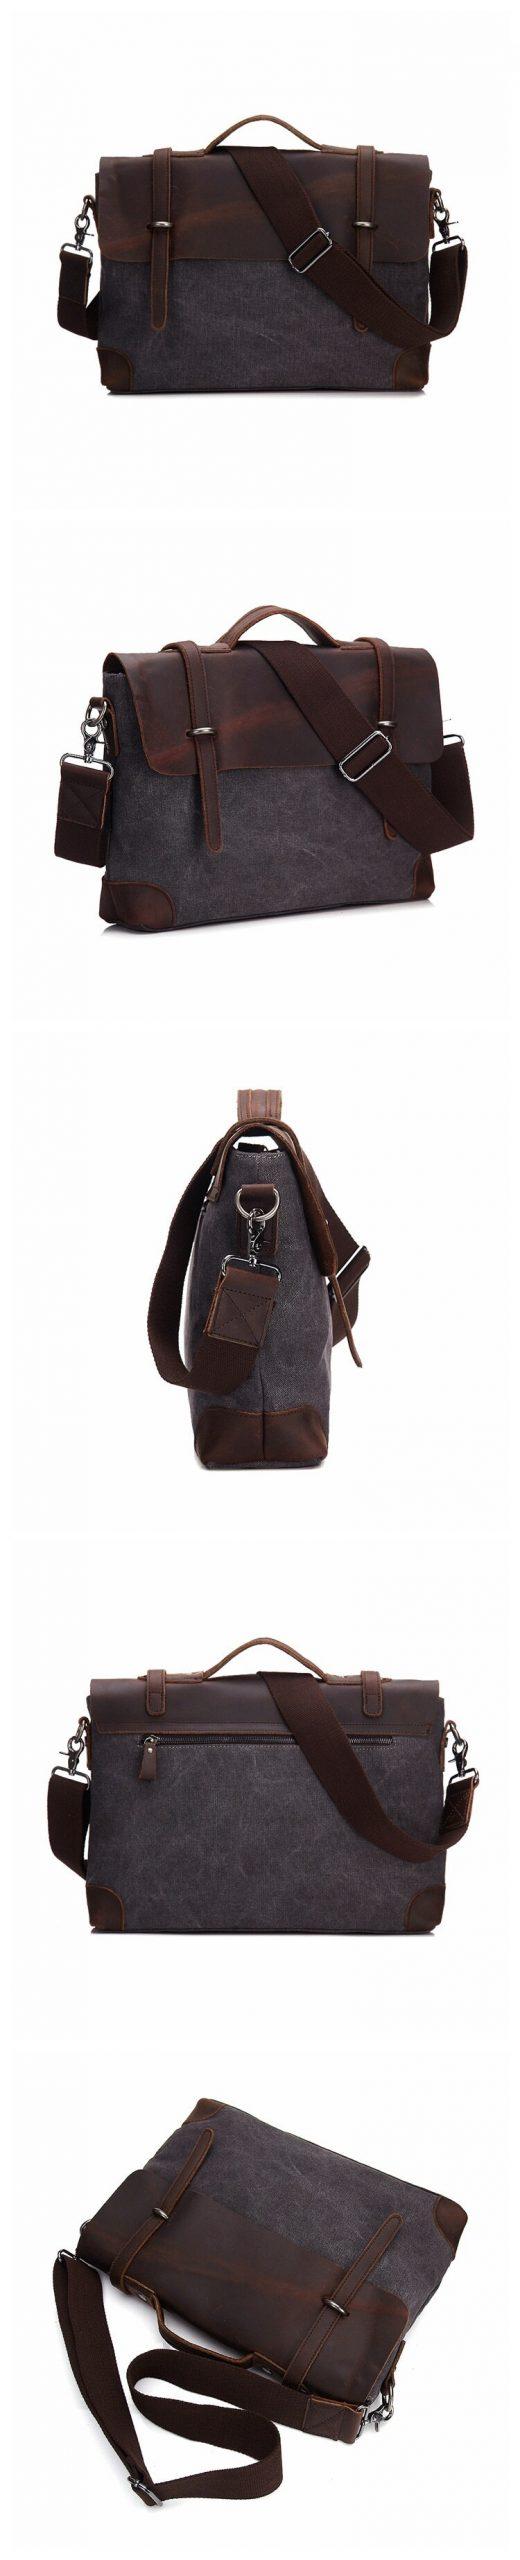 M277 Vintage heren Canvas Messenger Bag Paard Crazy Leather Man Zachte Tassen Schooltas Man Lock Militaire Hangbags Messenger tassen